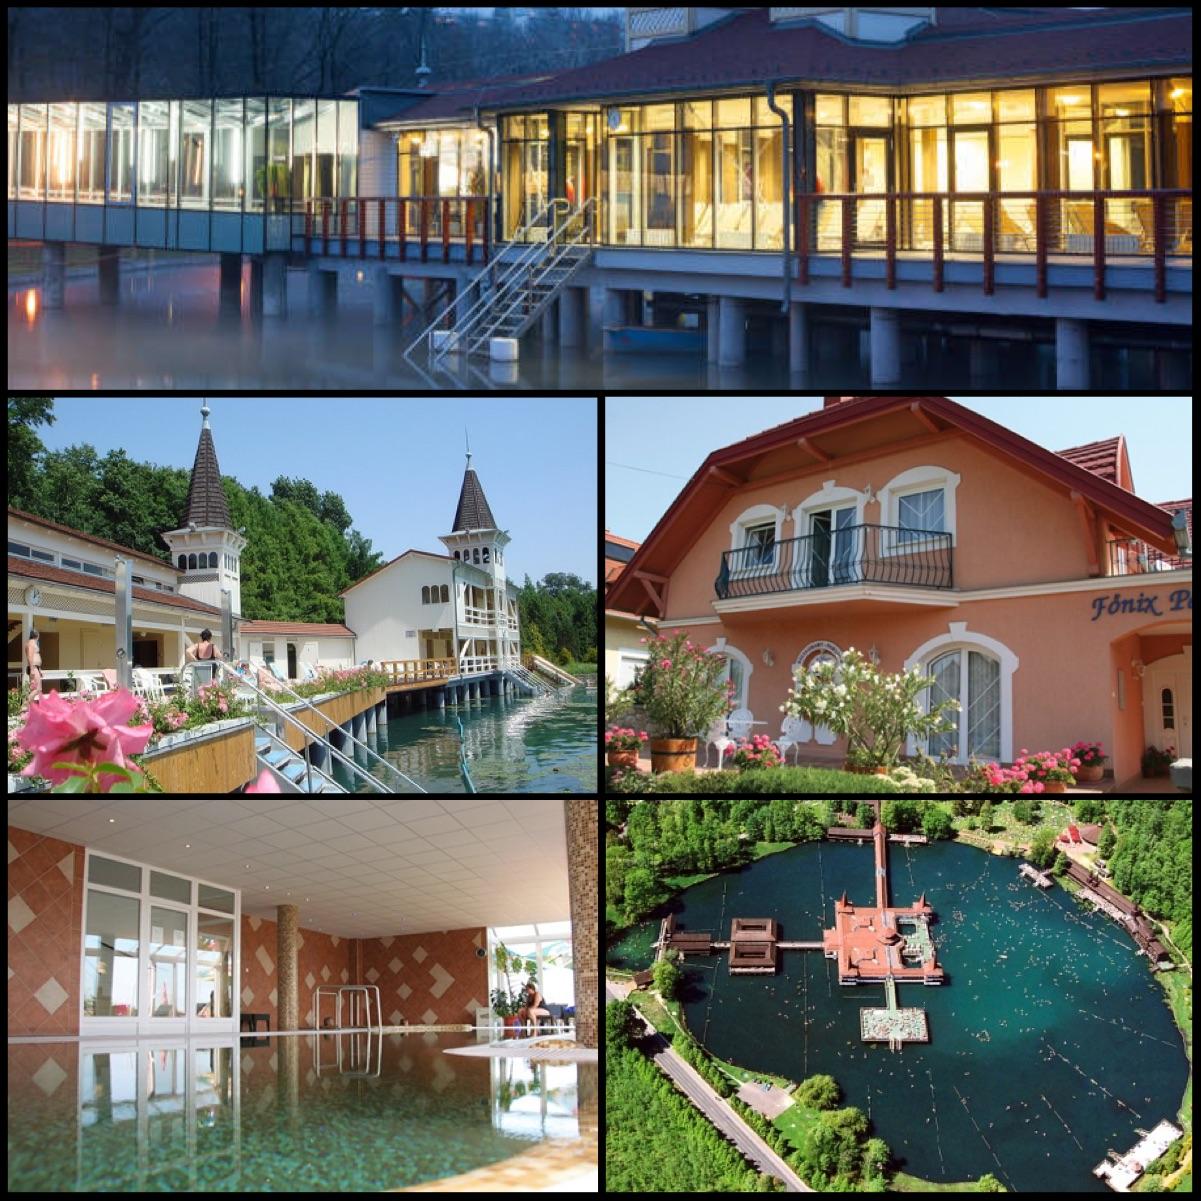 Maďarské termální lázně ve městě Hevíz nabízí zážitek z koupání v jednom z největších termálních jezer v Evropě. Teplota vody v jezeře neklesá ani v zimě pod 26 až 28 stupňů.